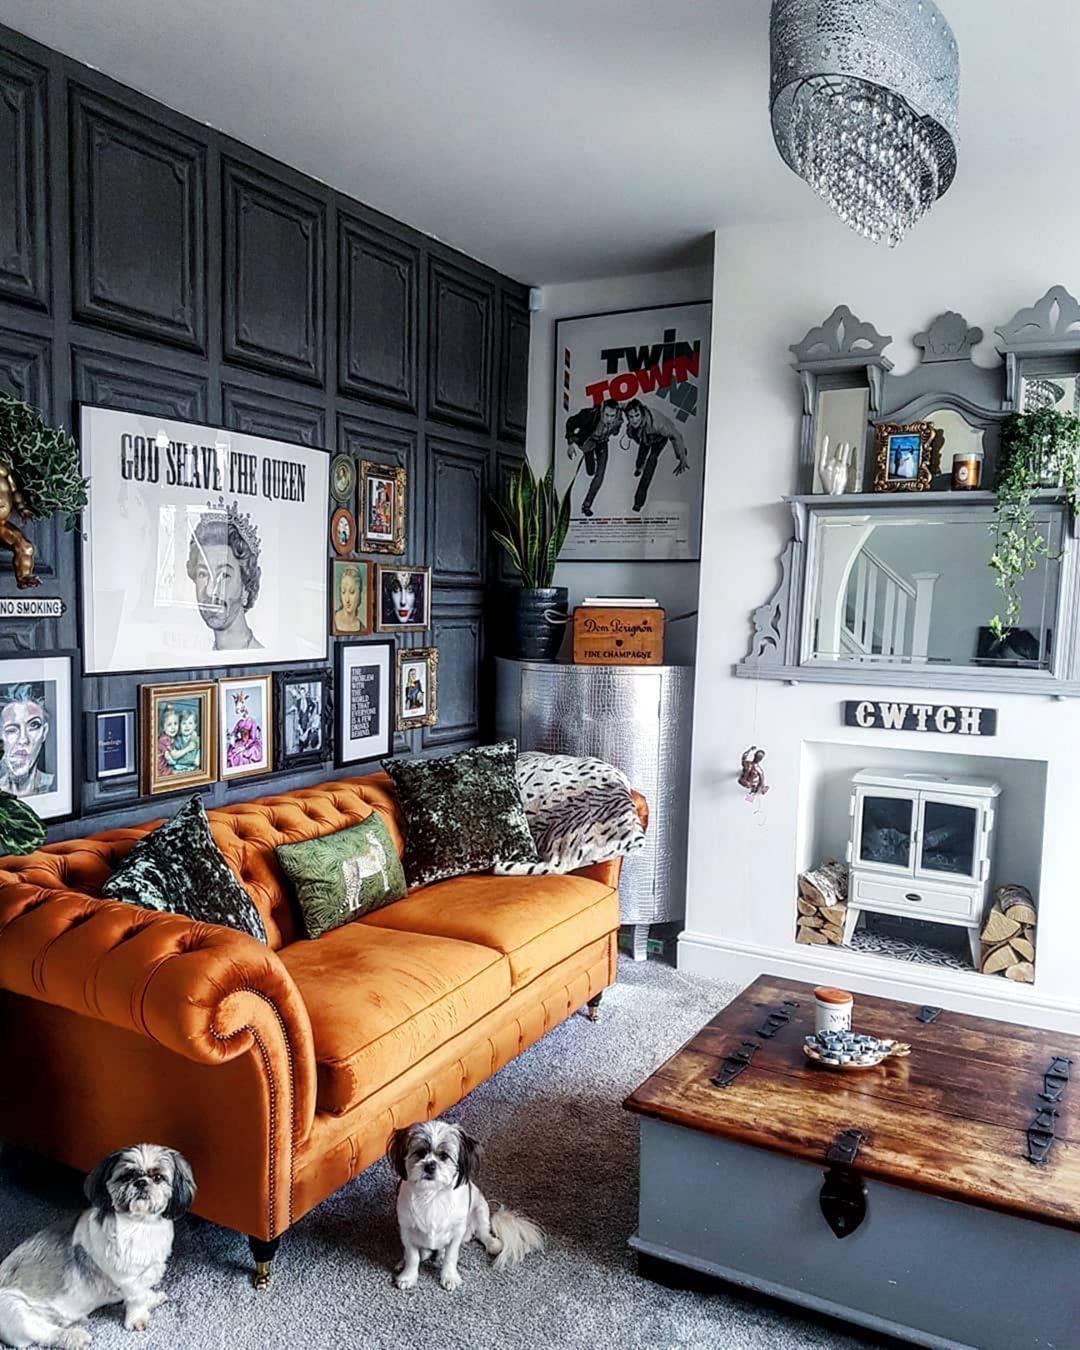 Pin von Jerome Kane auf Ideen rund ums Haus | Wohnzimmer ...